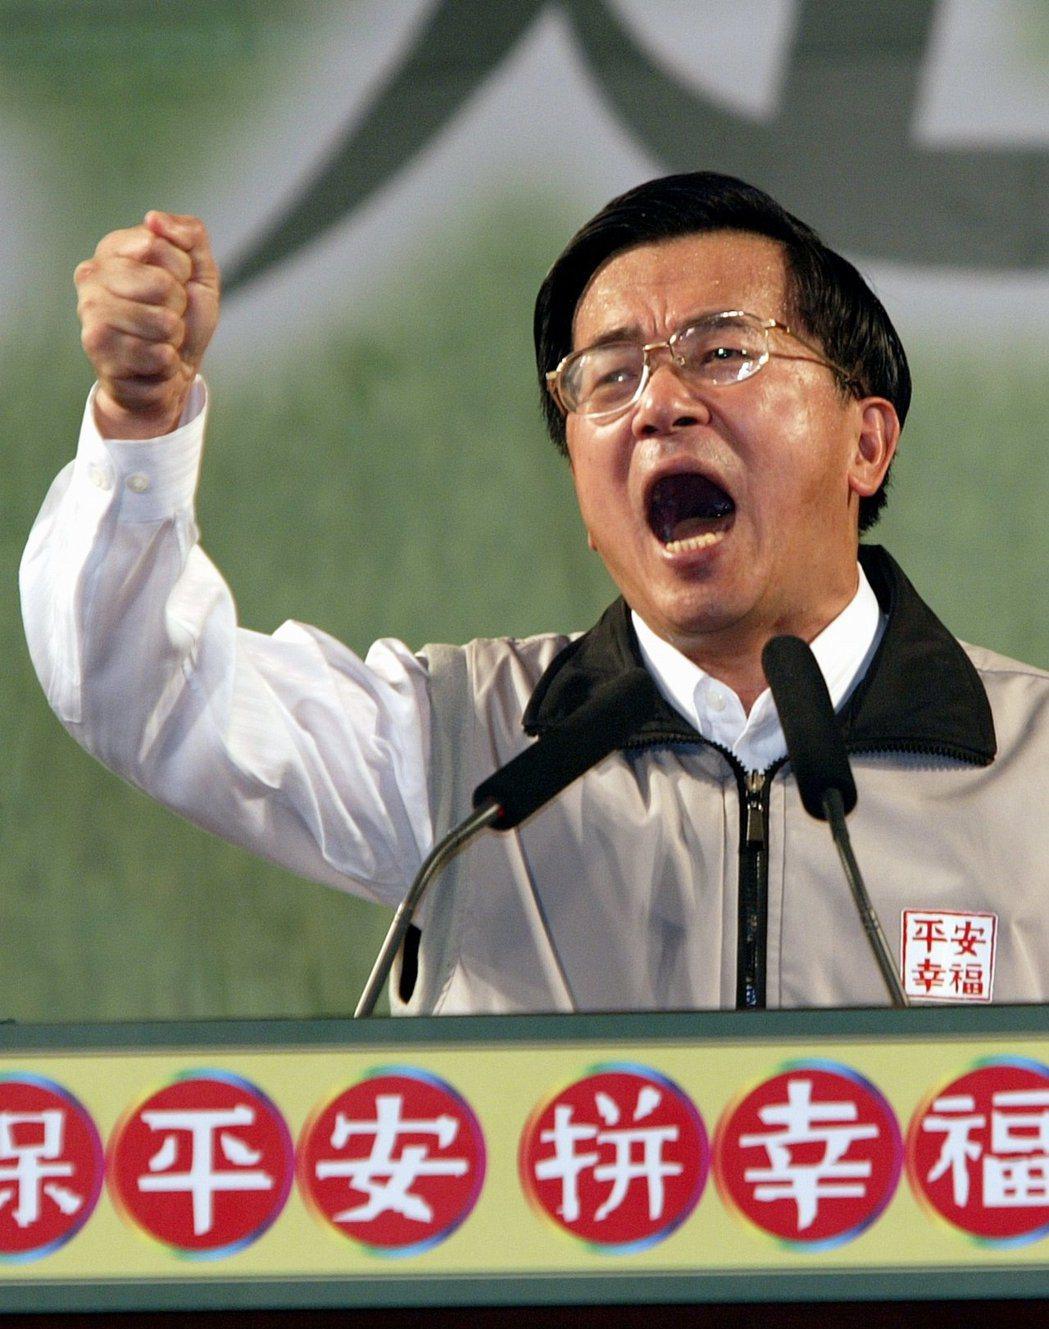 陳水扁在80年代就踏入政壇,台北市長之戰後很快成為台灣選舉史上最具代表性的「政治...